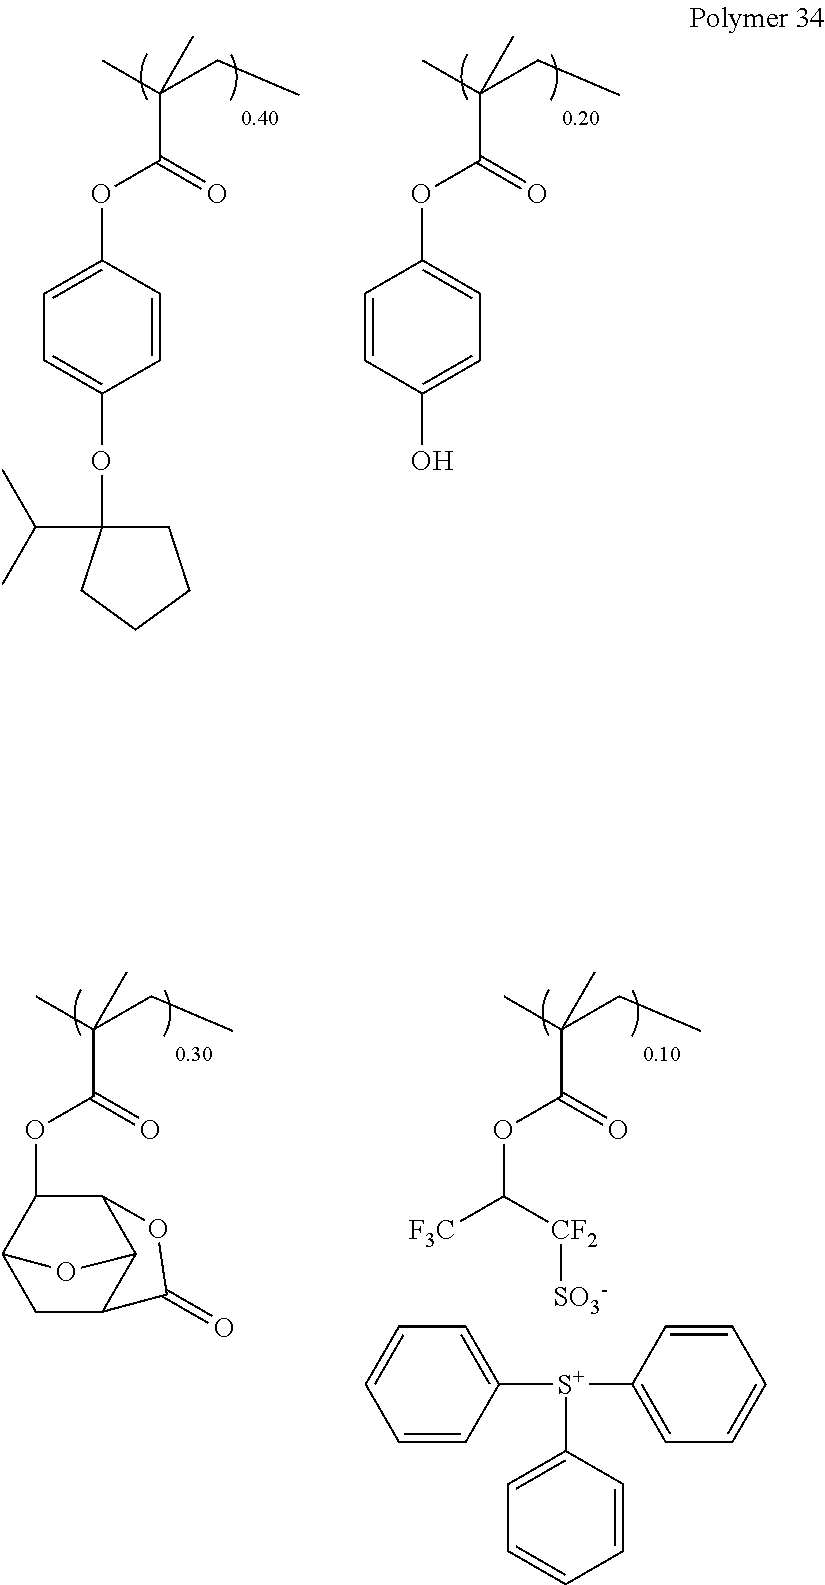 Figure US20110294070A1-20111201-C00105